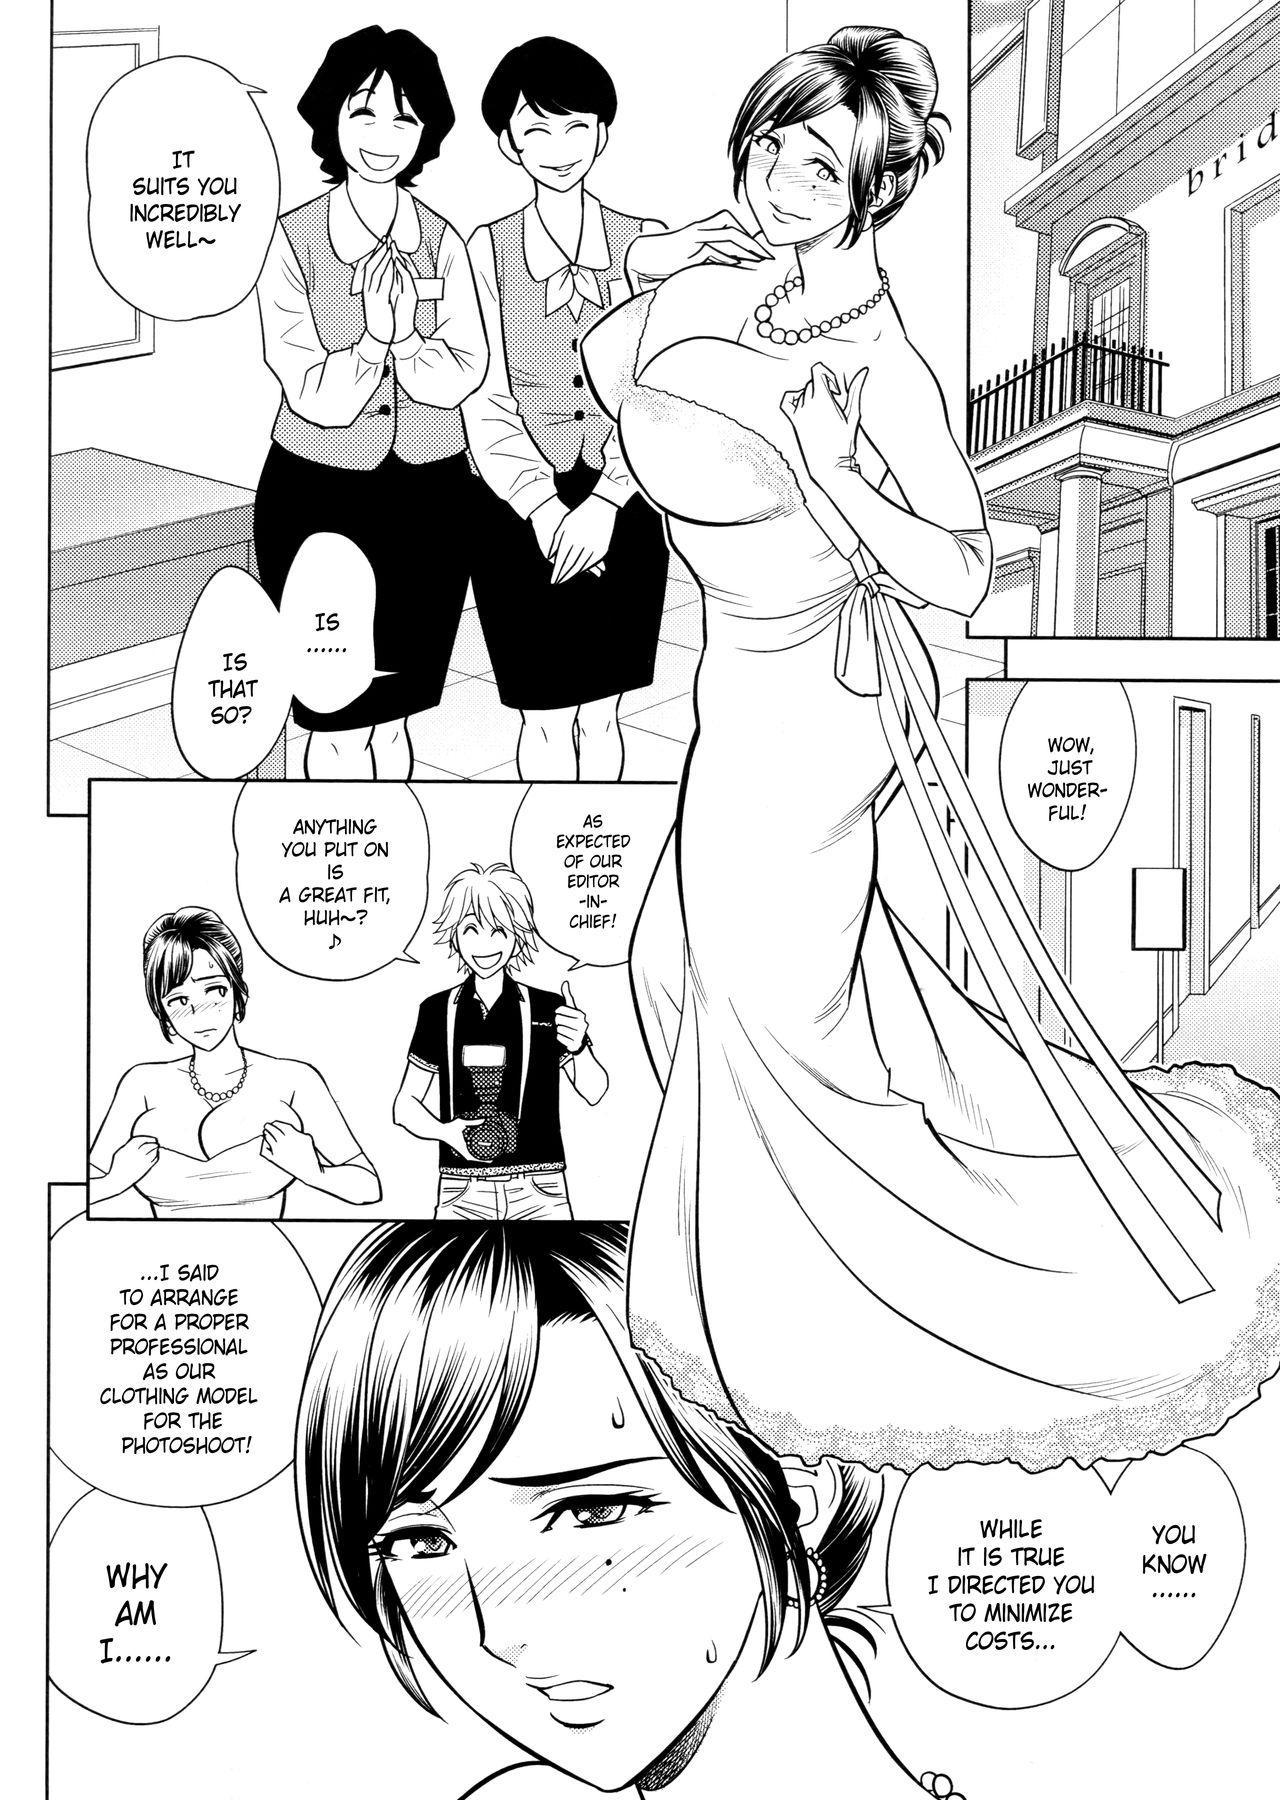 [Tatsunami Youtoku, Yamazaki Masato] Bijin Henshuu-chou no Himitsu | Beautiful Editor-in-Chief's Secret Ch. 1-7 [English] [Forbiddenfetish77, Red Vodka, Crystalium, CEDR777] [Decensored] 85